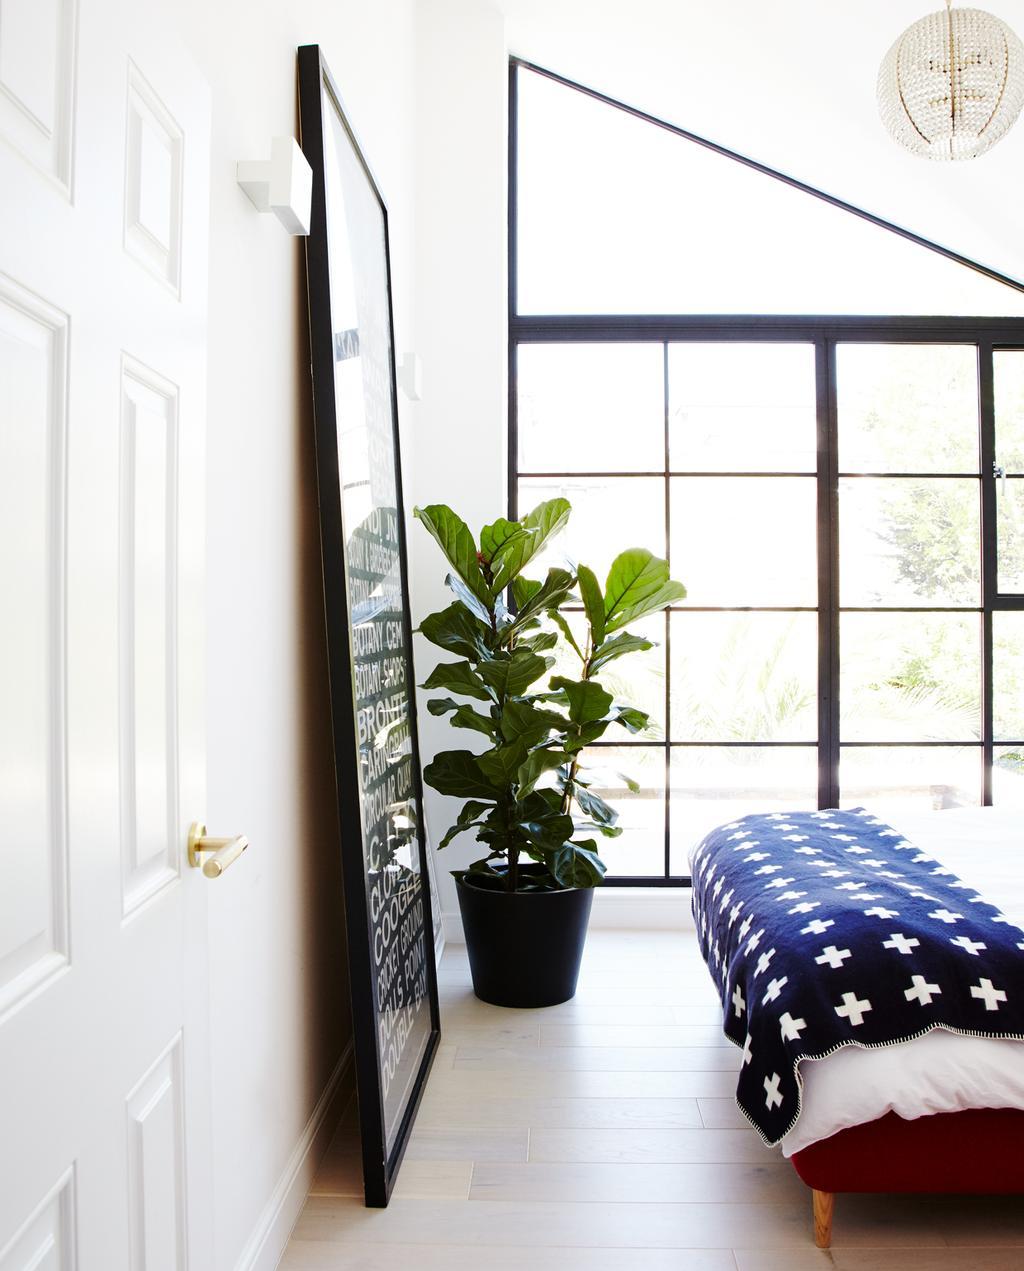 vtwonen 1-2020 | binnenkijken in een rijtjeshuis in Londen slaapkamer